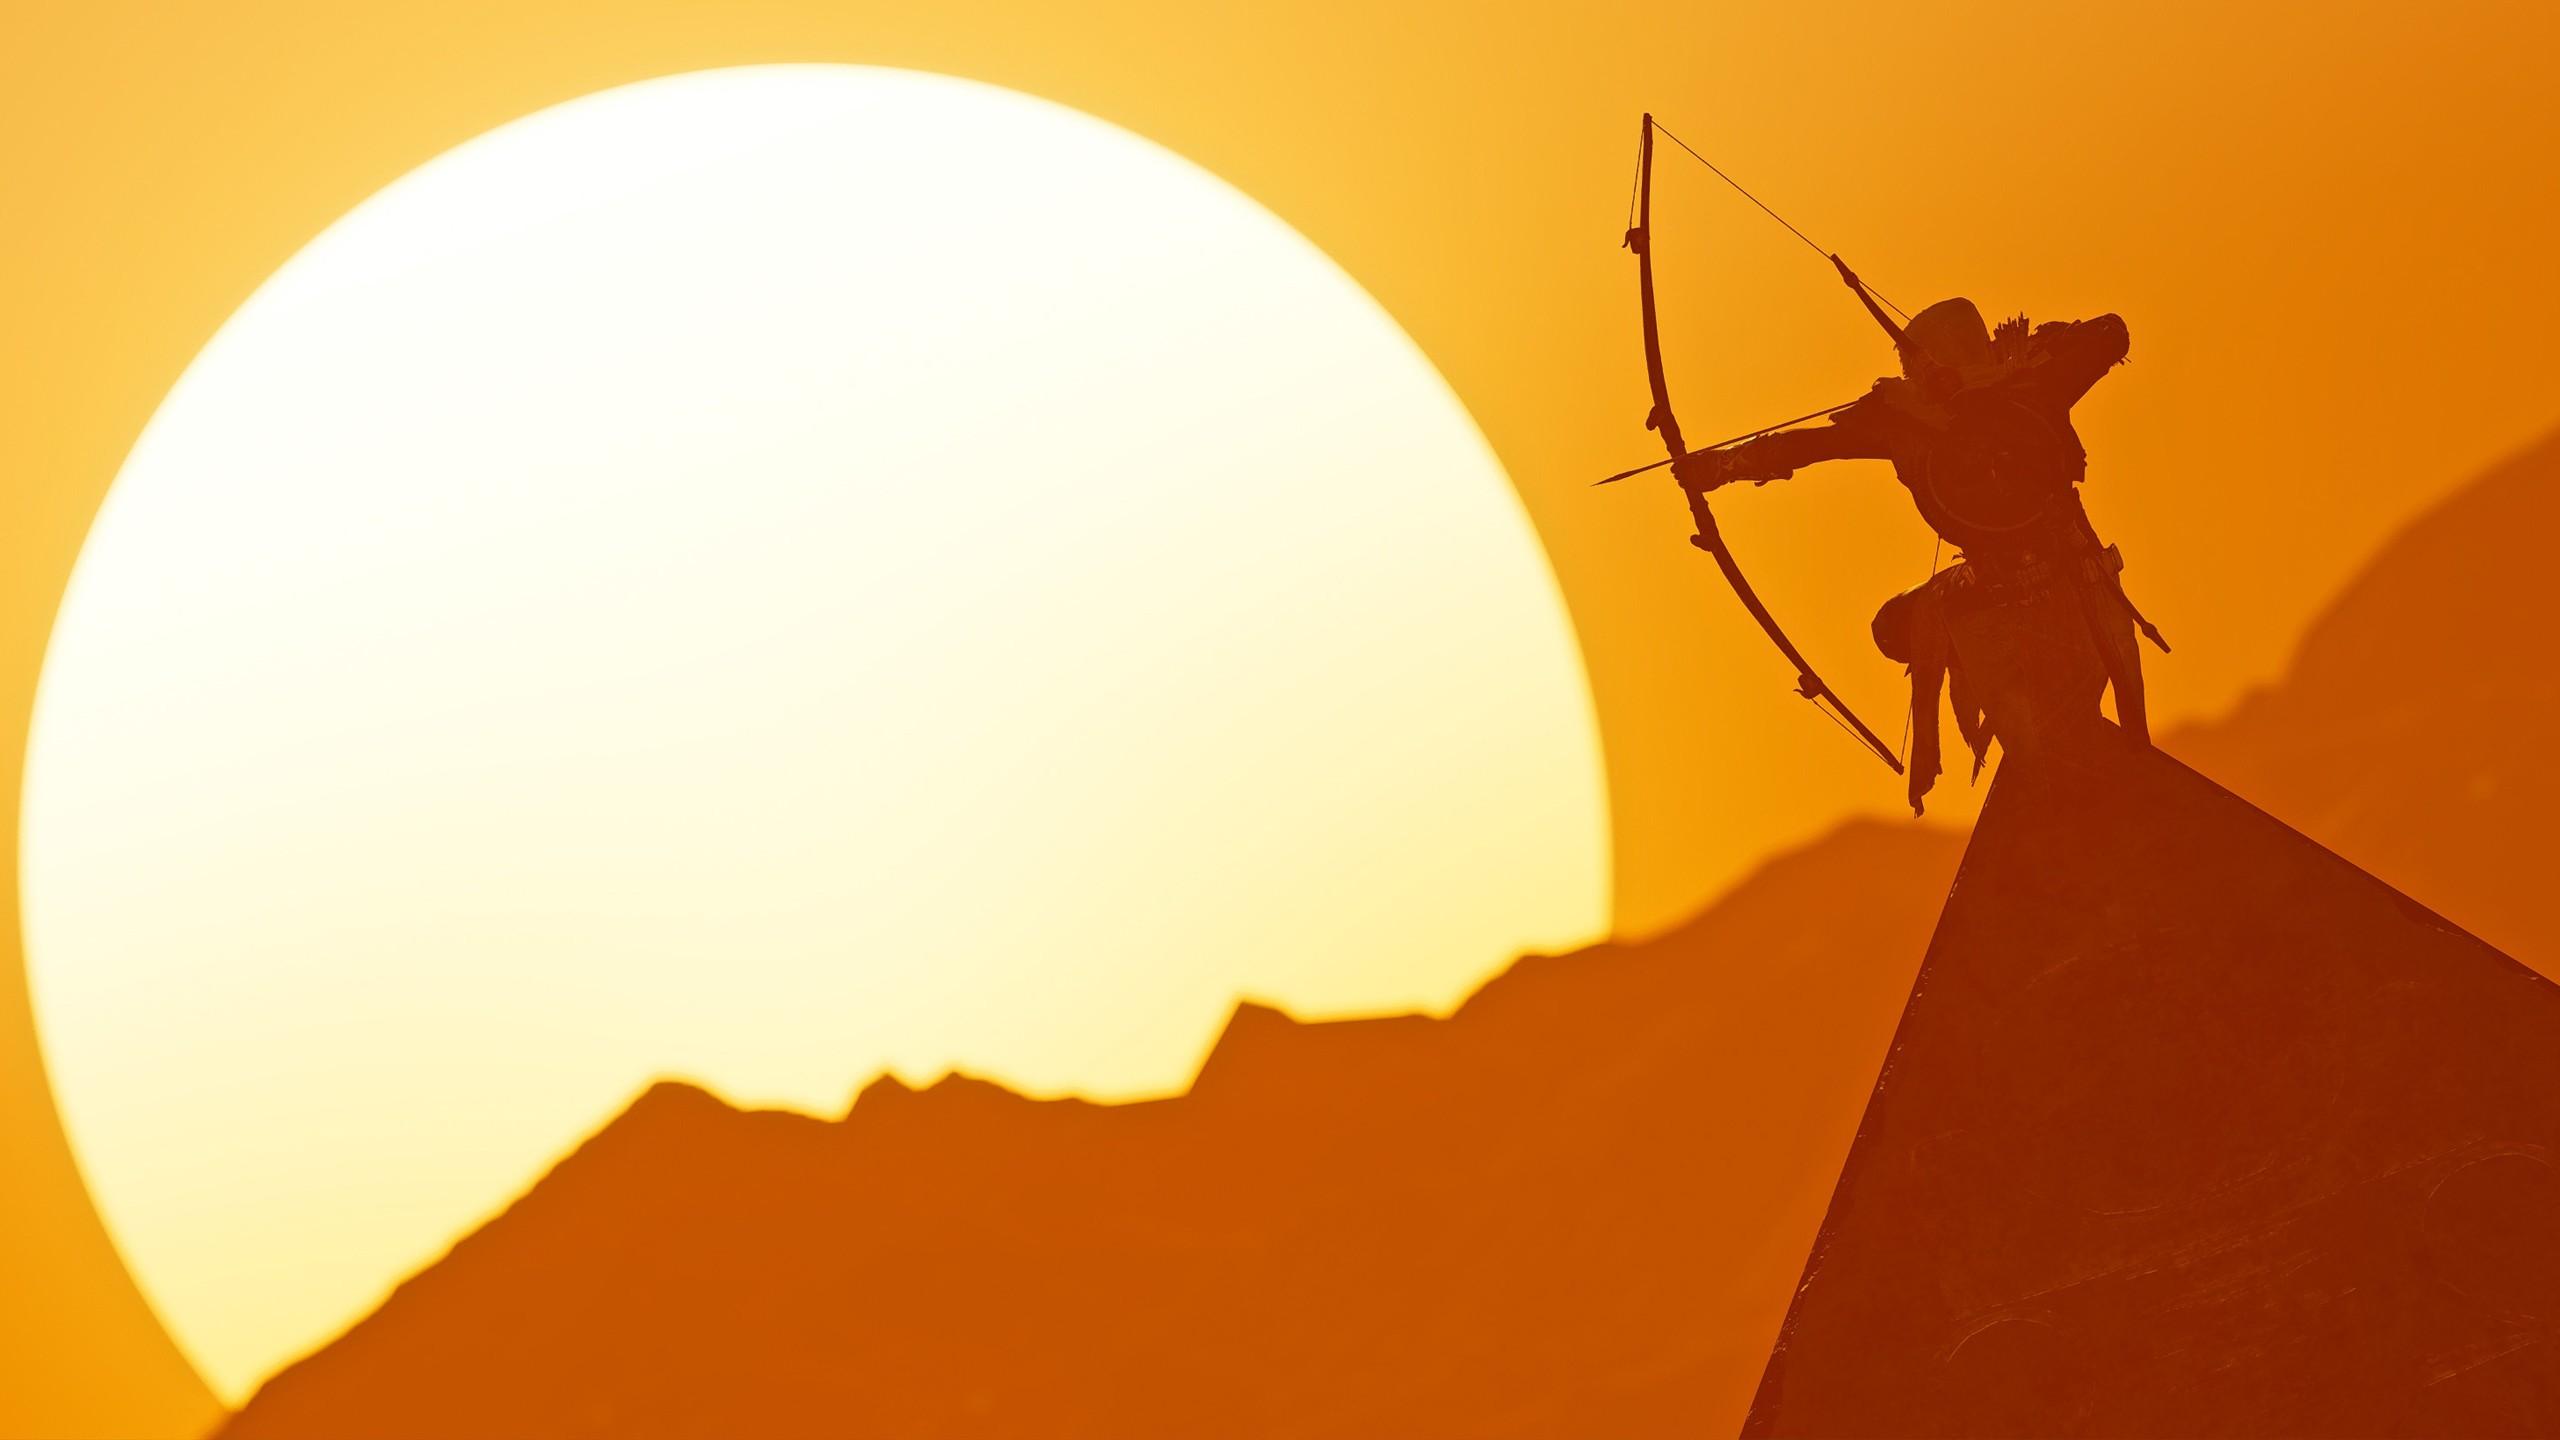 Battlefield 3 Iphone Wallpaper Assassins Creed Origins Bayek Of Siwa Wallpapers Hd